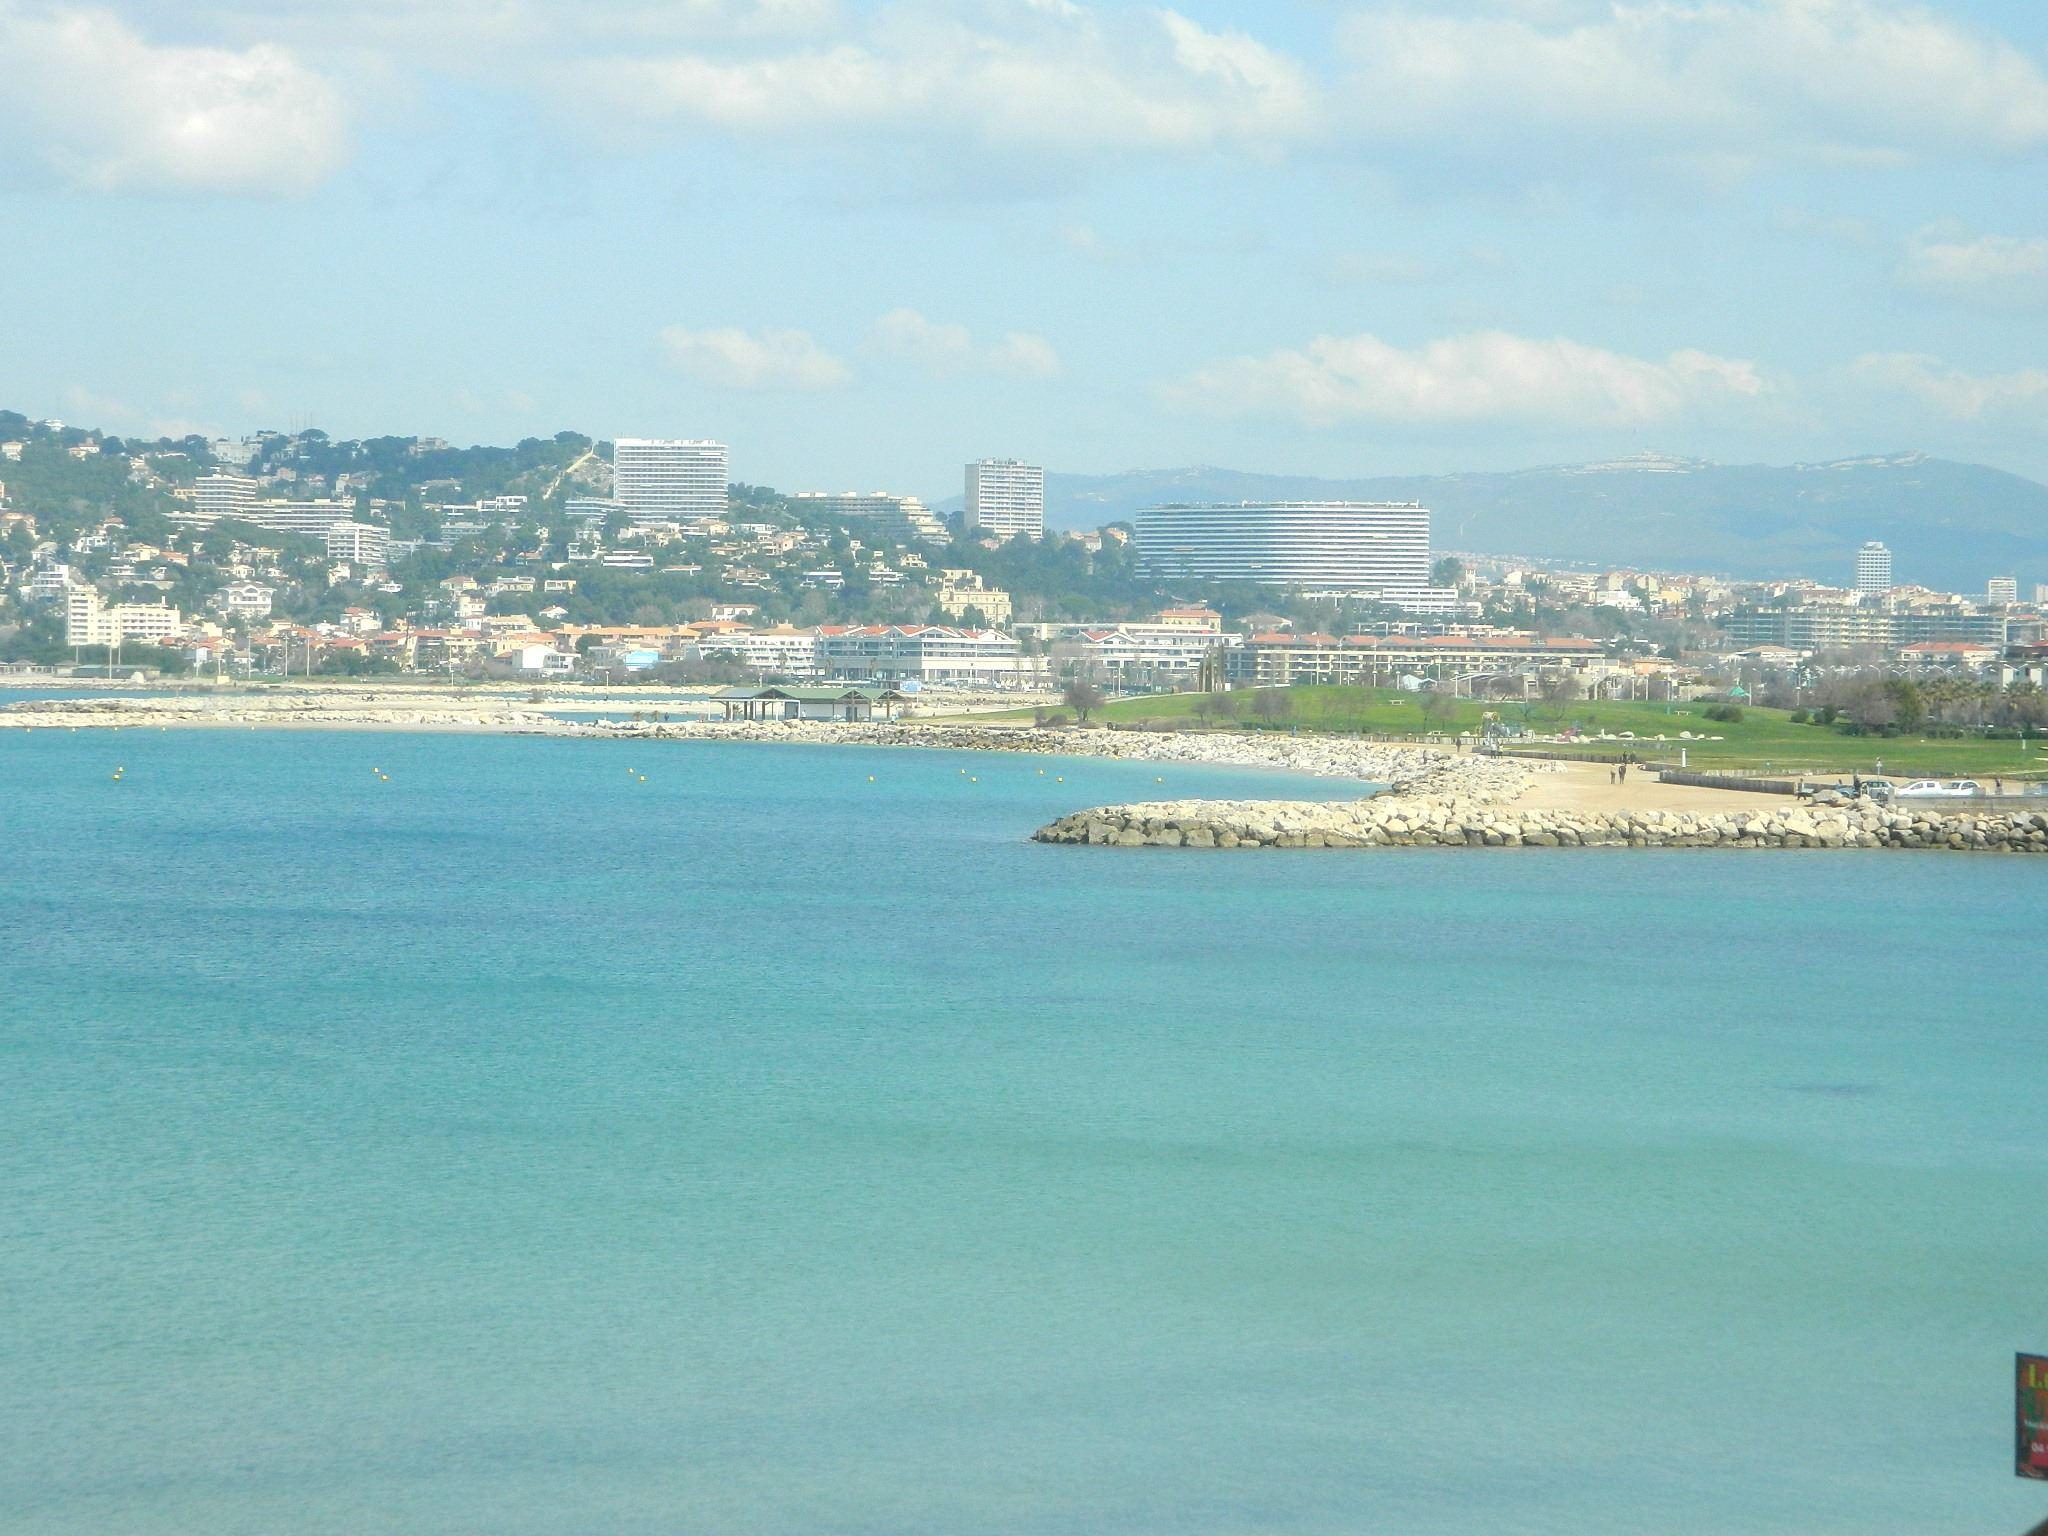 独户住宅 为 销售 在 La Pointe Rouge Marseille 8éme 马赛, 普罗旺斯阿尔卑斯蓝色海岸, 13008 法国